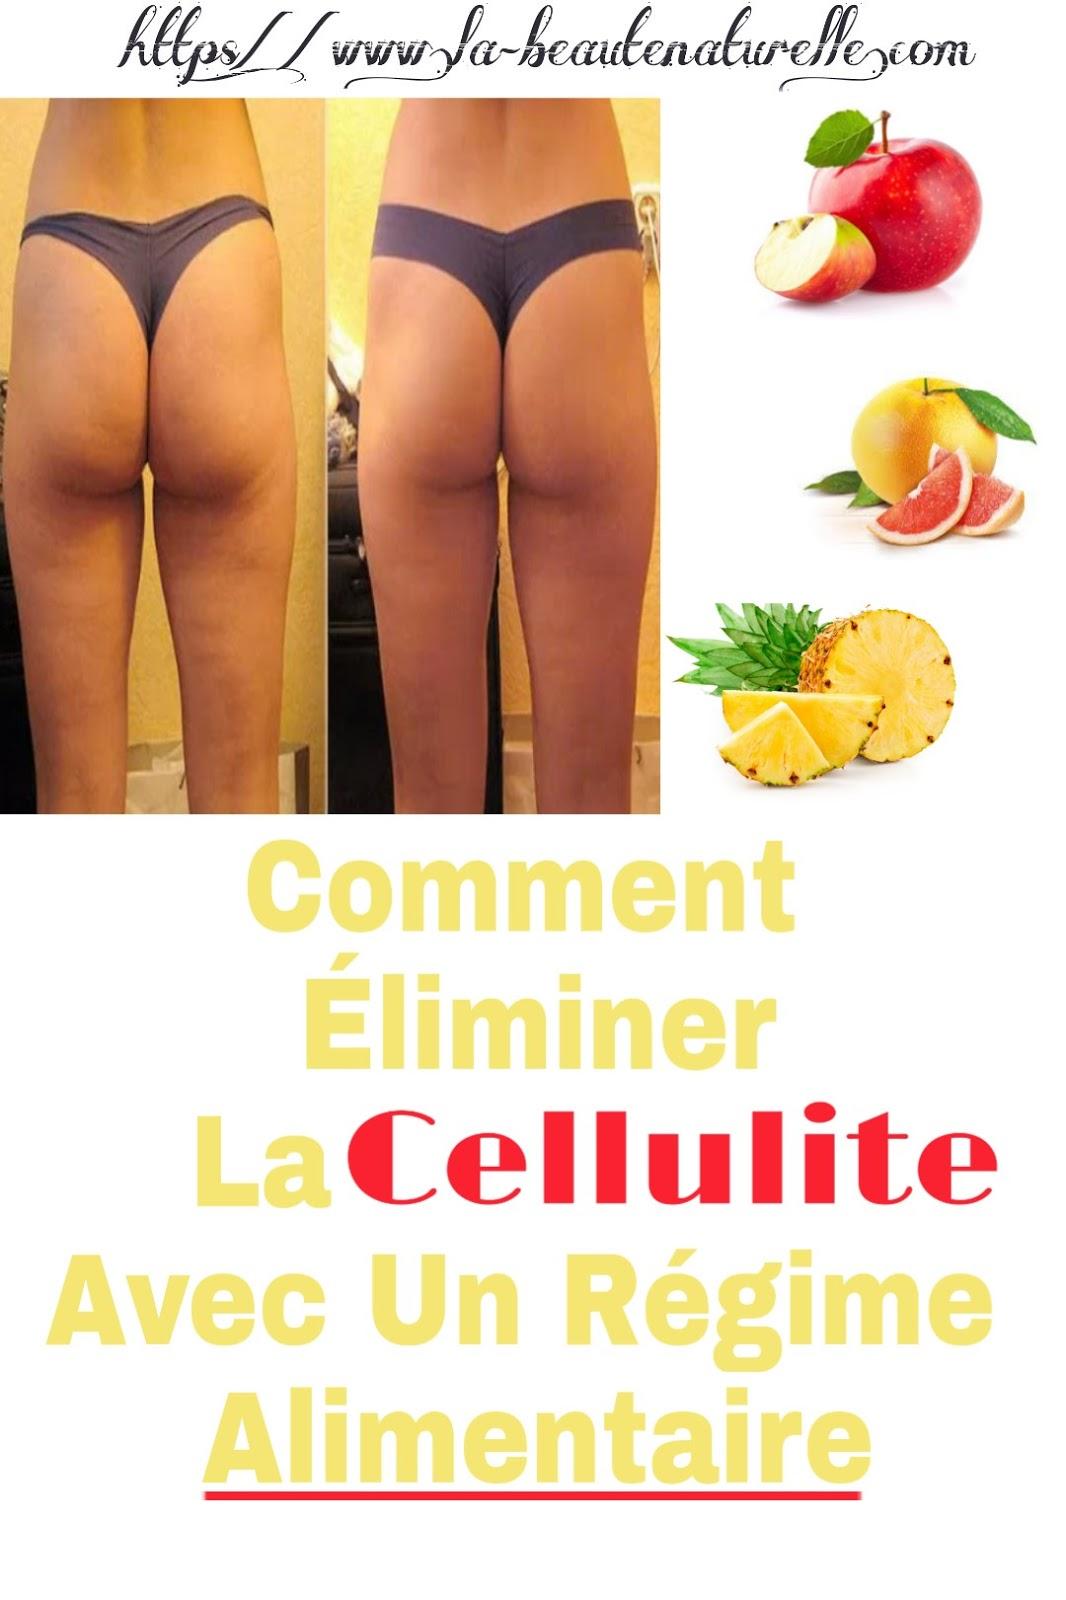 Comment Éliminer La Cellulite Avec Un Régime Alimentaire